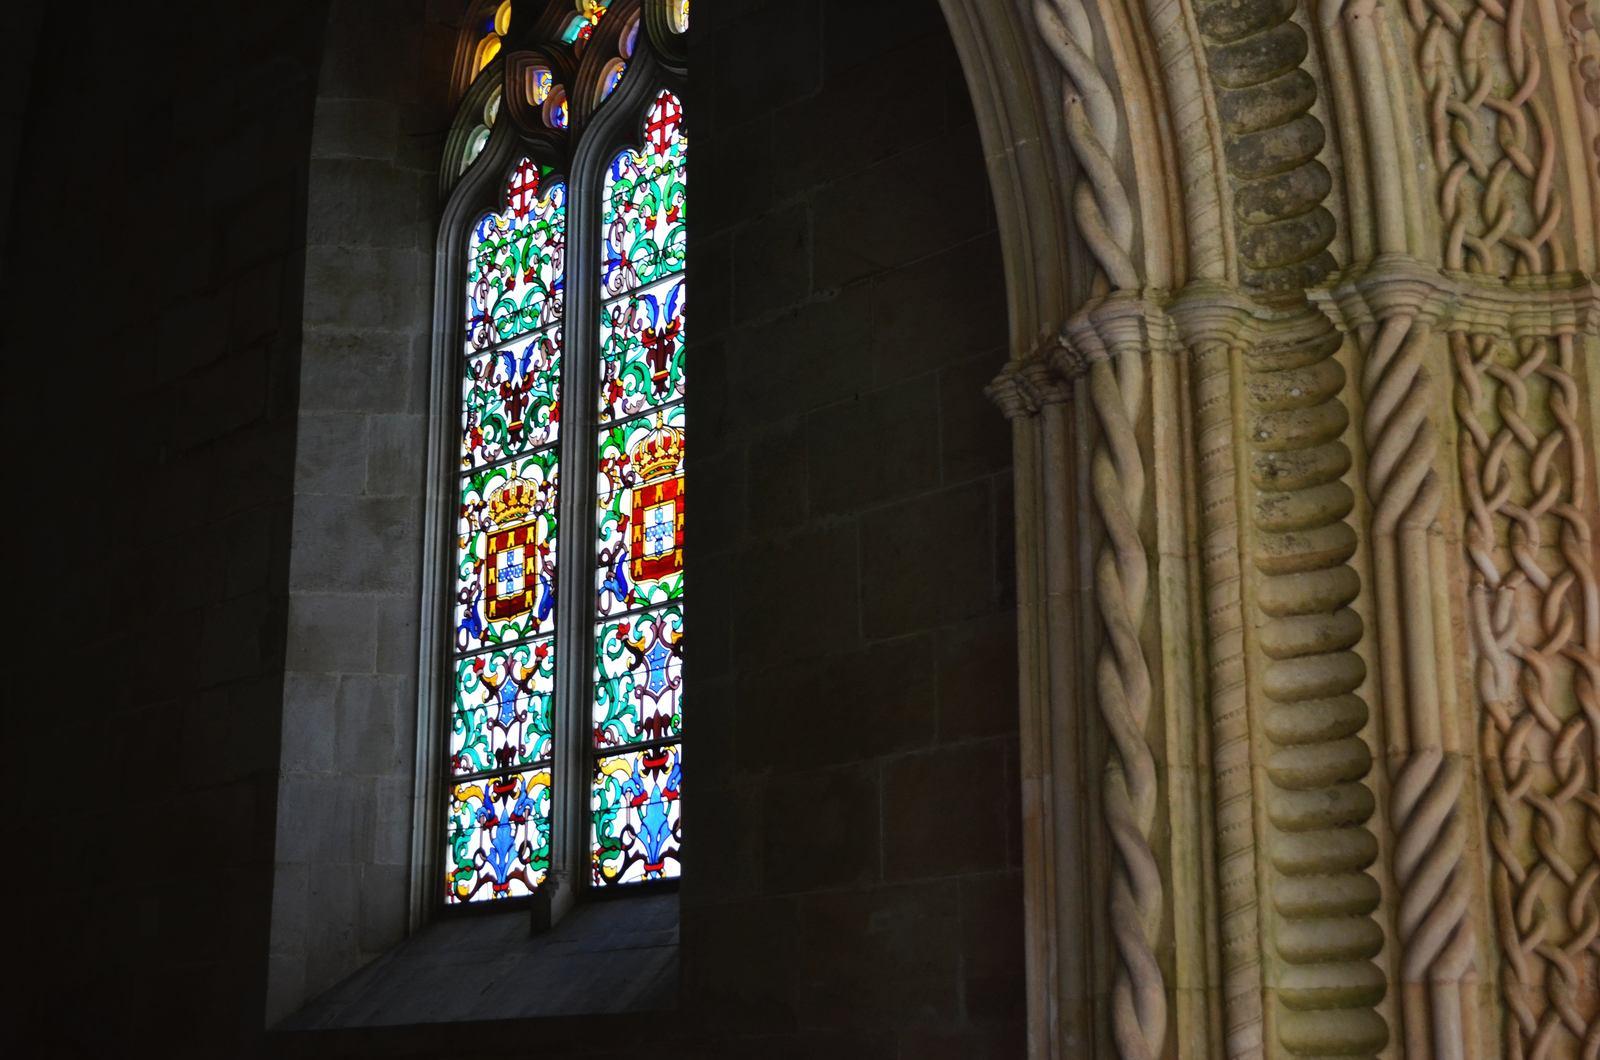 Vitrais no Mosteiro da Batalha